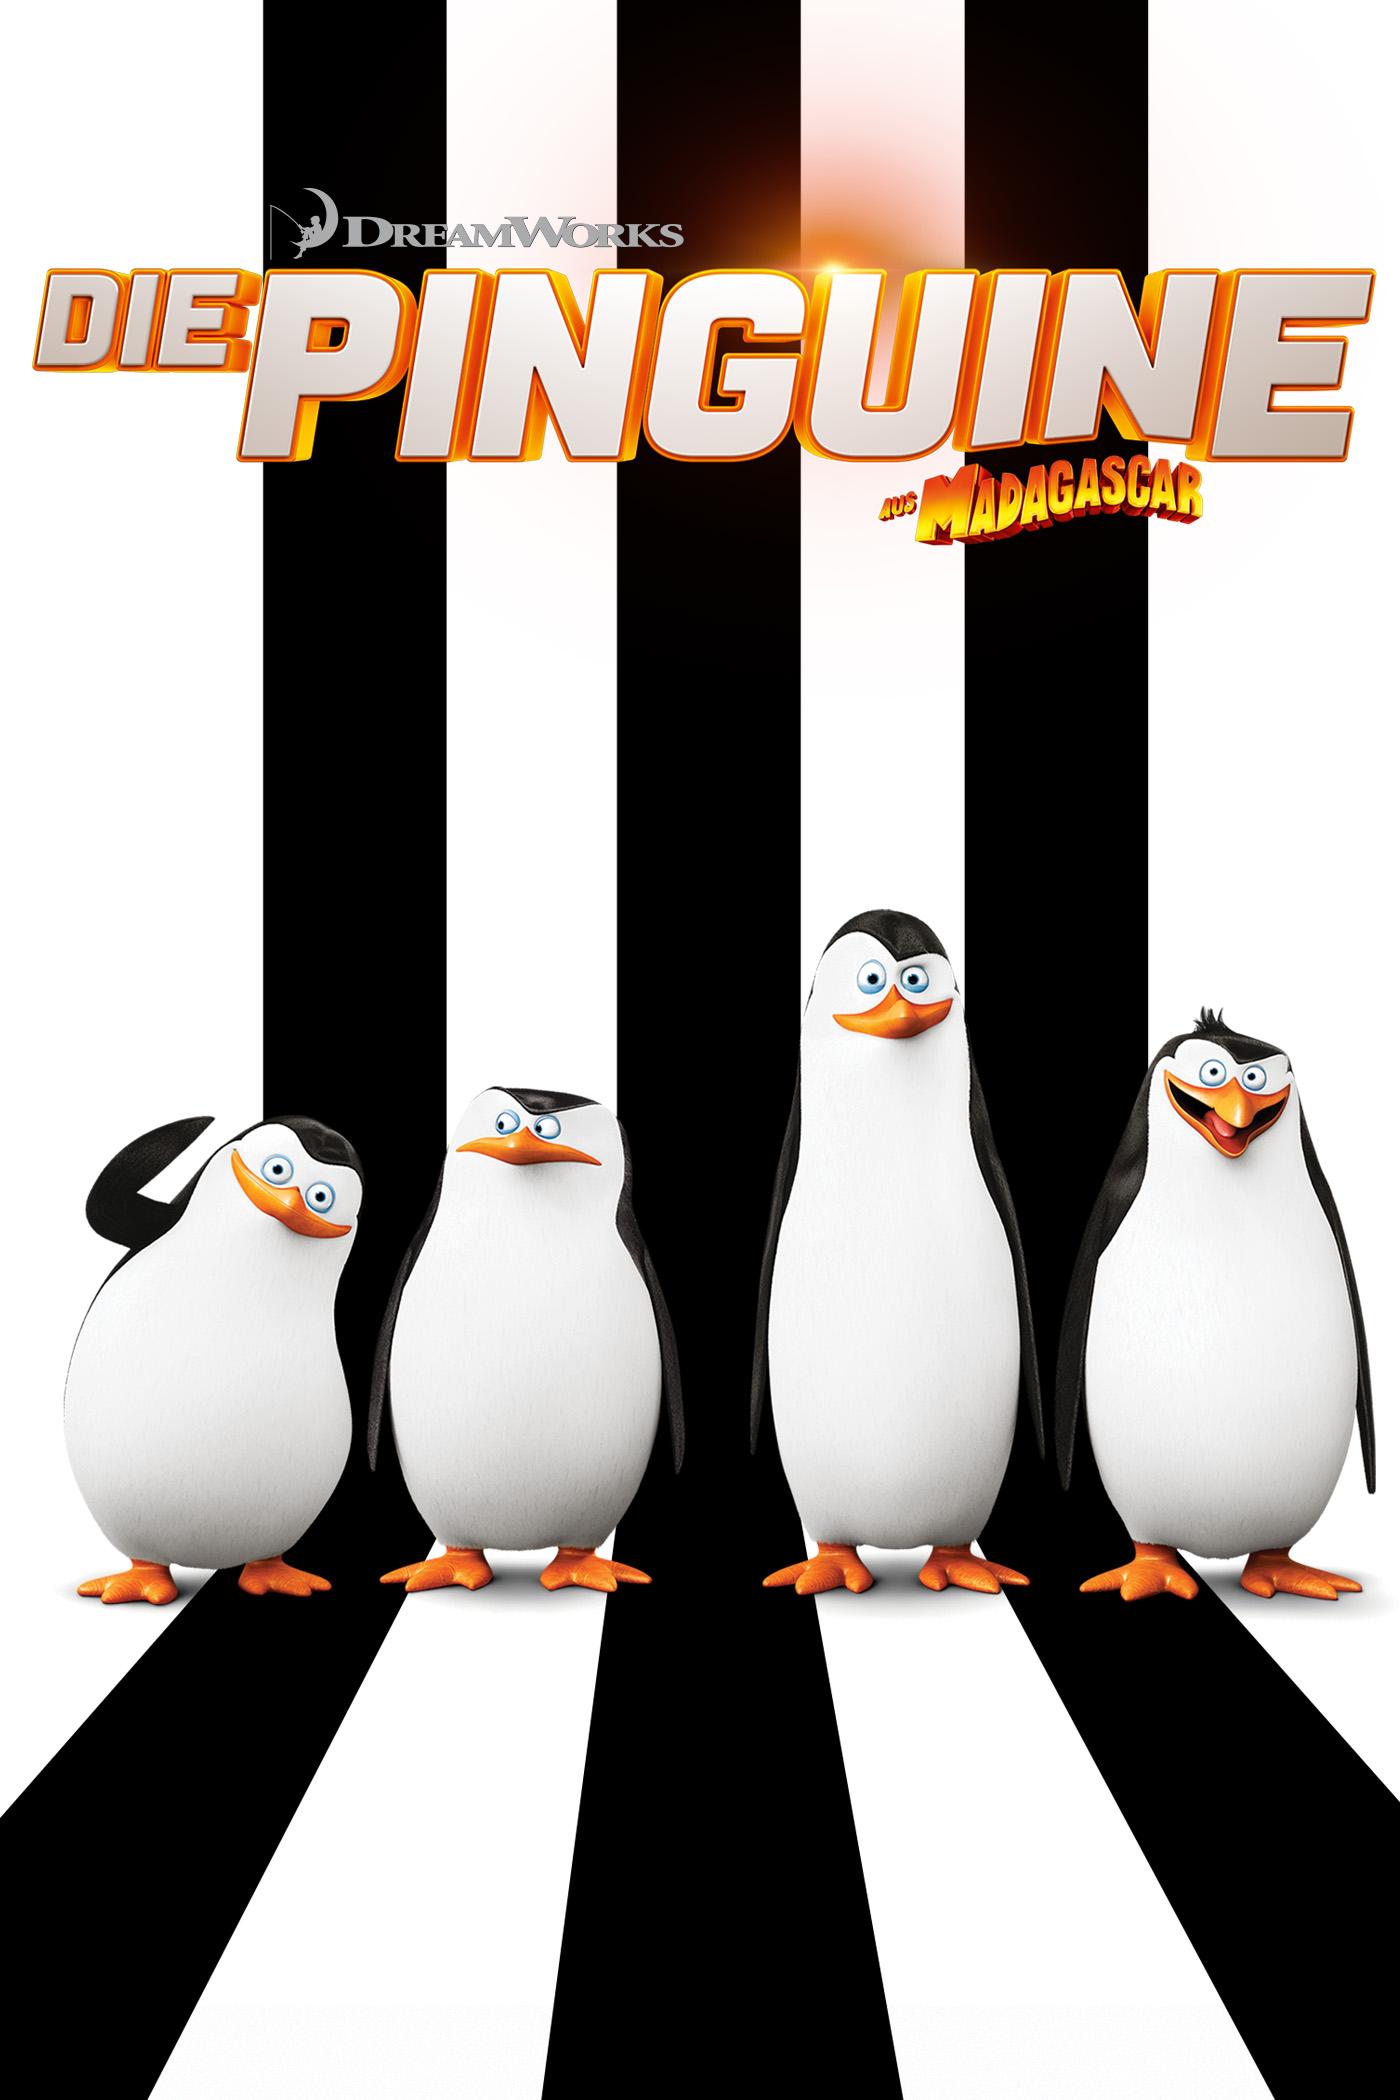 Pinguine Aus Madagascar Film